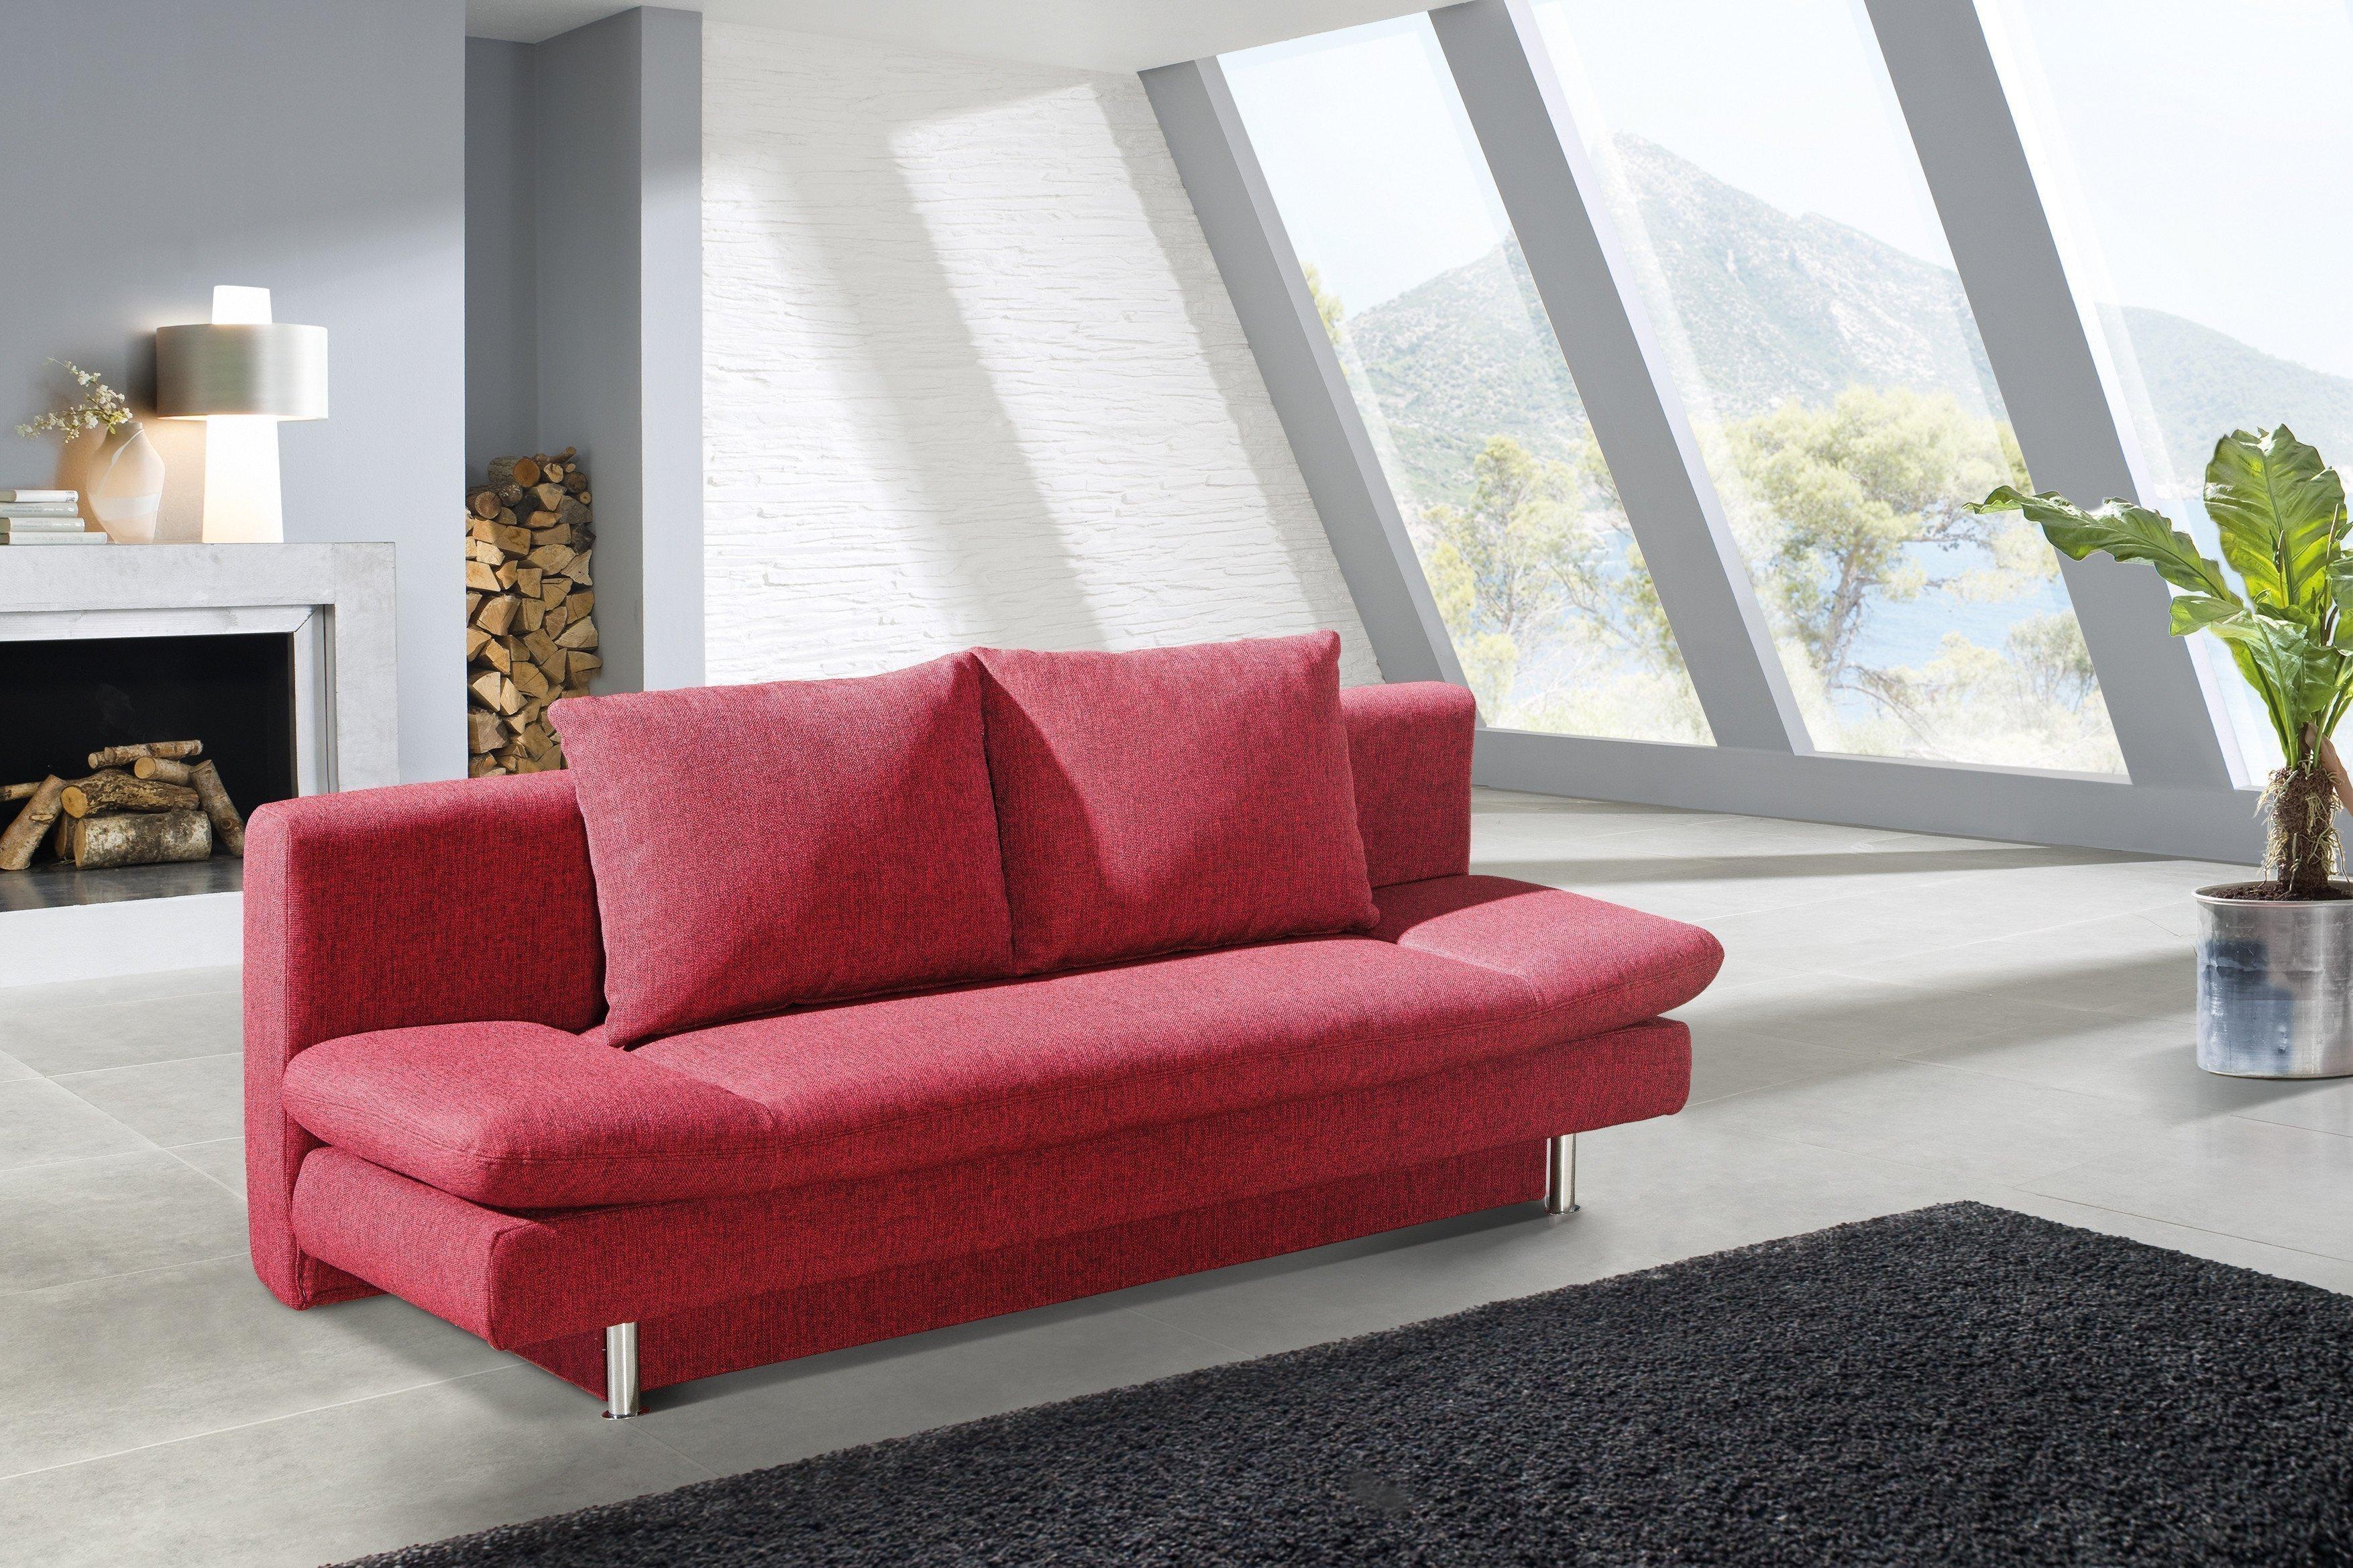 olivia von restyl schlafsofa braun schlafsofas online kaufen betten kleiderschr nke und. Black Bedroom Furniture Sets. Home Design Ideas